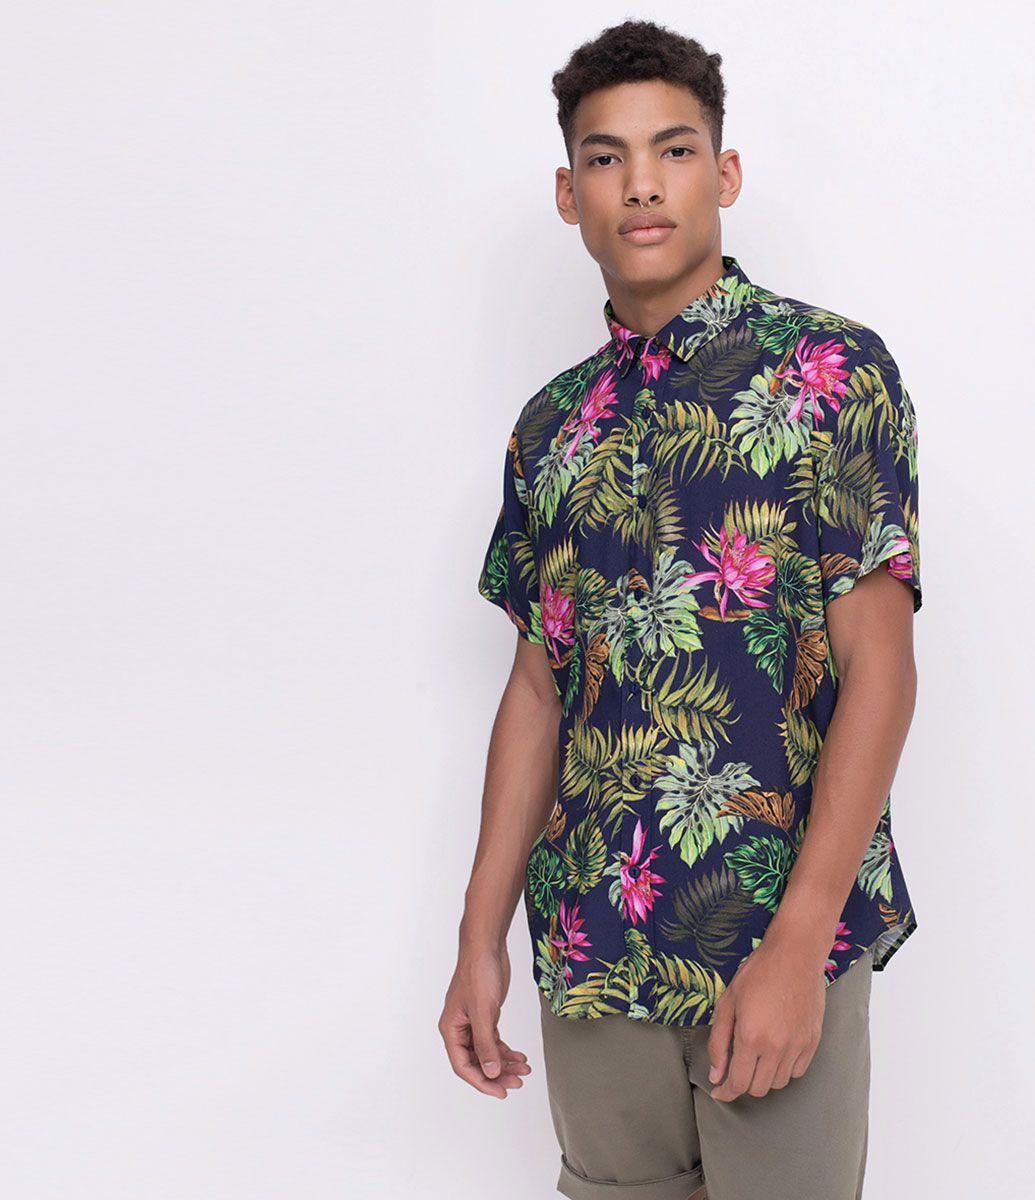 8baadd04a Camisa masculina Manga curta Floral Com botões Marca: Blue Steel  Composição: 100% viscose